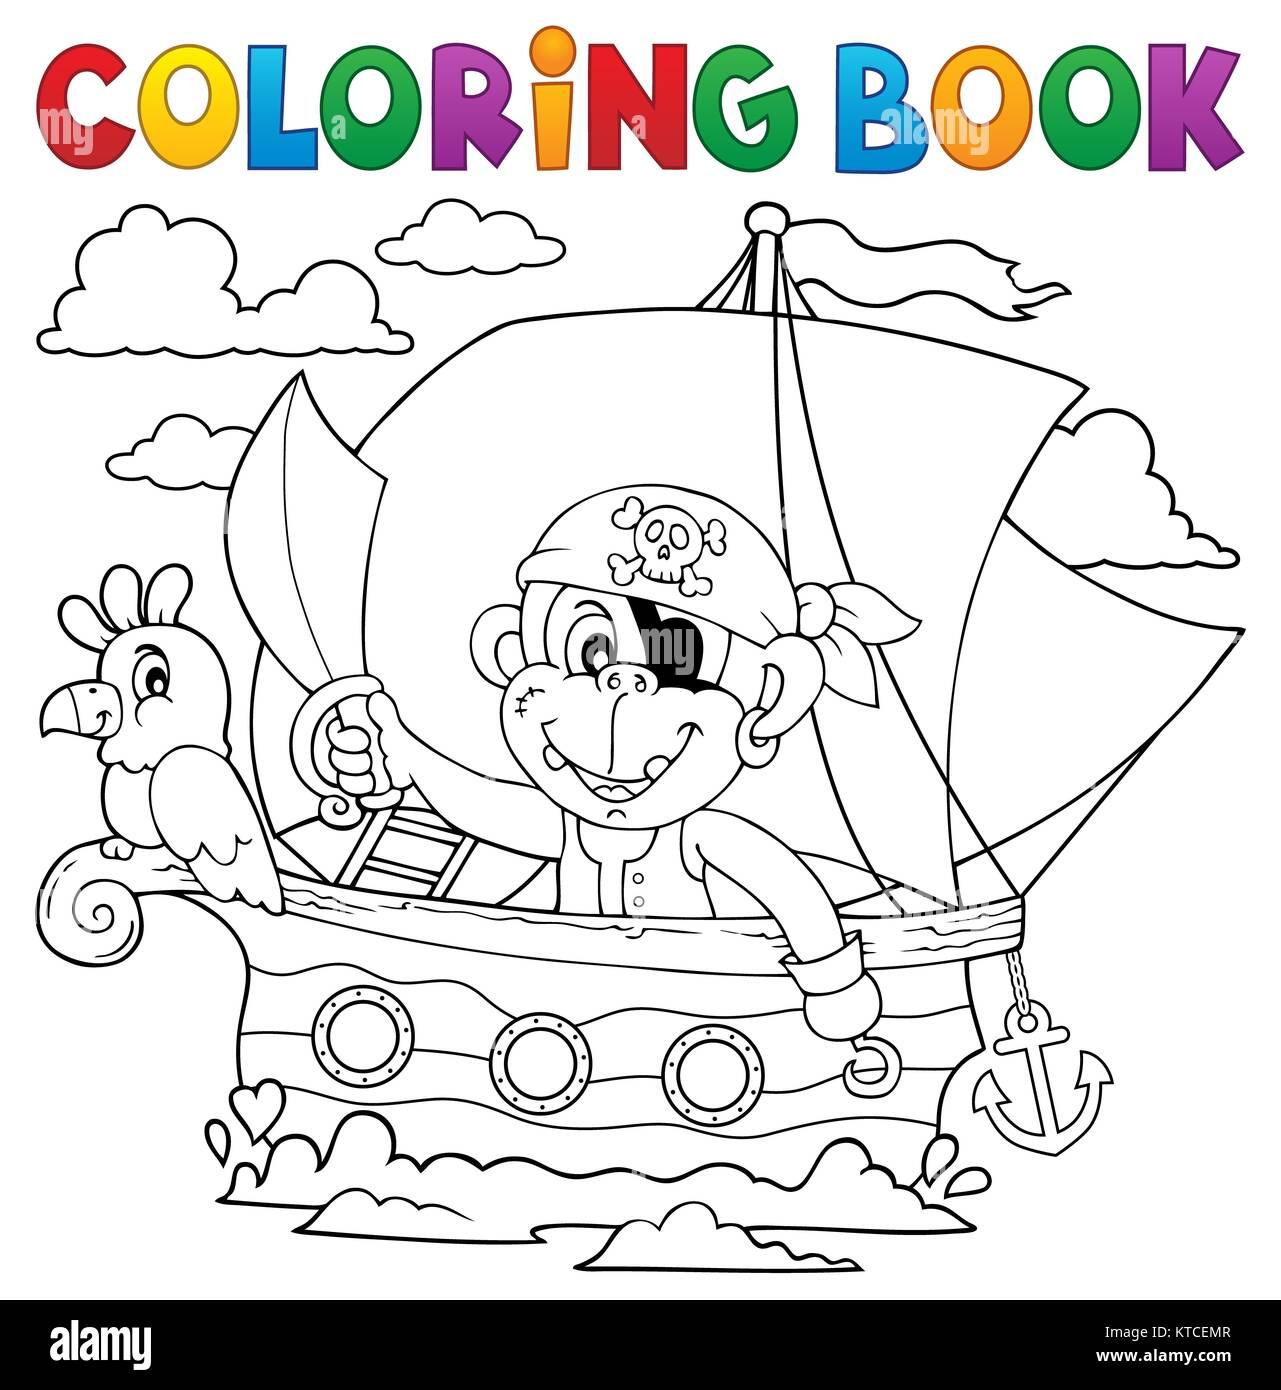 Único Barco Para Colorear Páginas Para Imprimir Embellecimiento ...